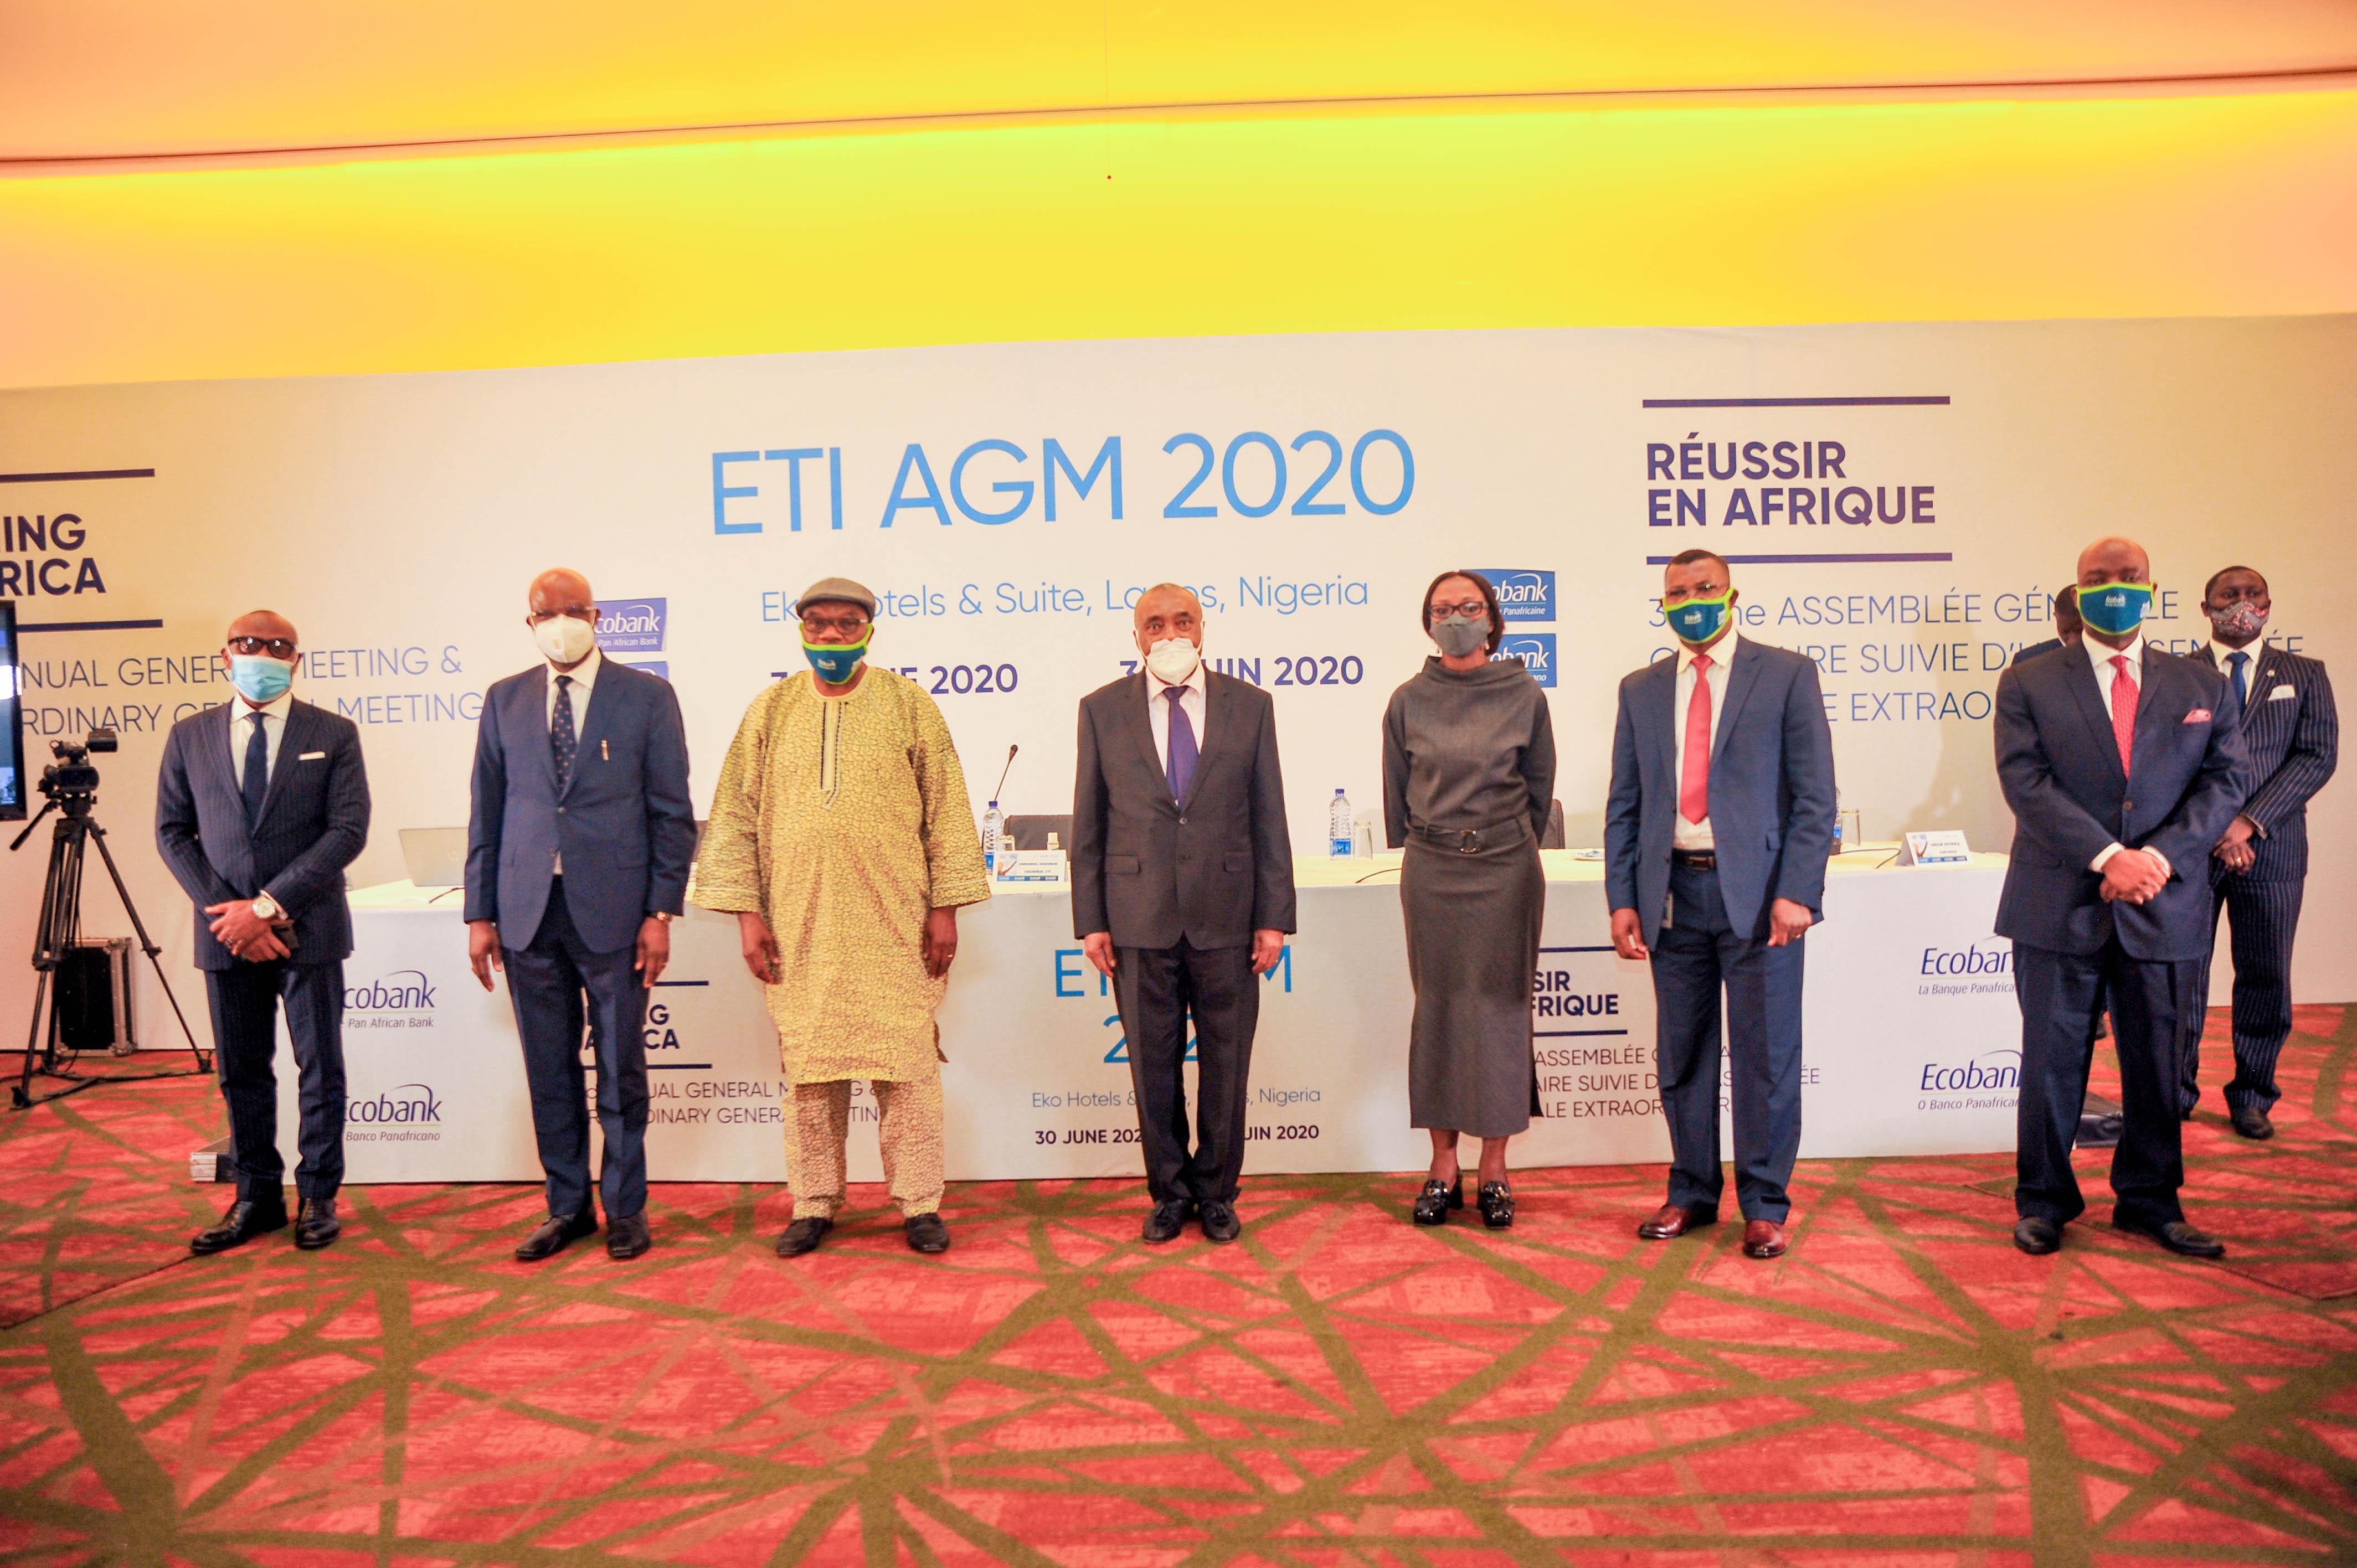 32ème assemblée générale de Ecobank Transnational Incorporated :  Les actionnaires approuvent les résolutions